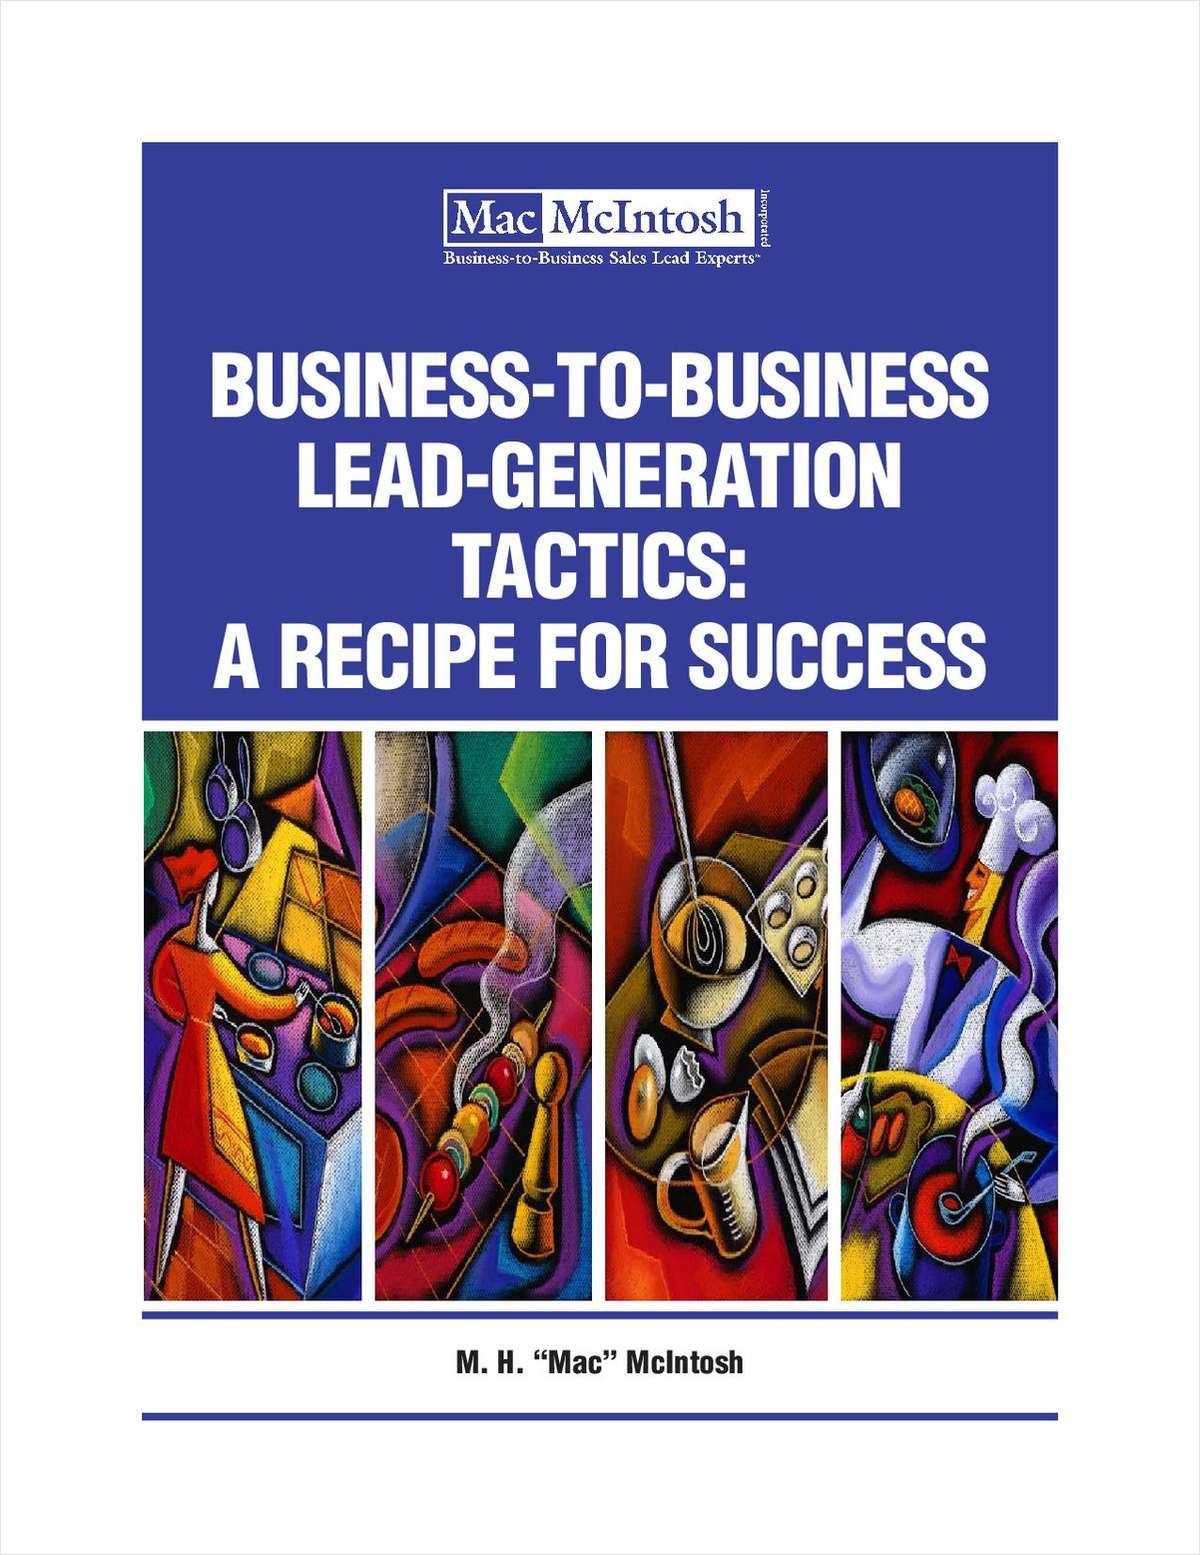 Lead Generation Tactics: A Recipe for Success